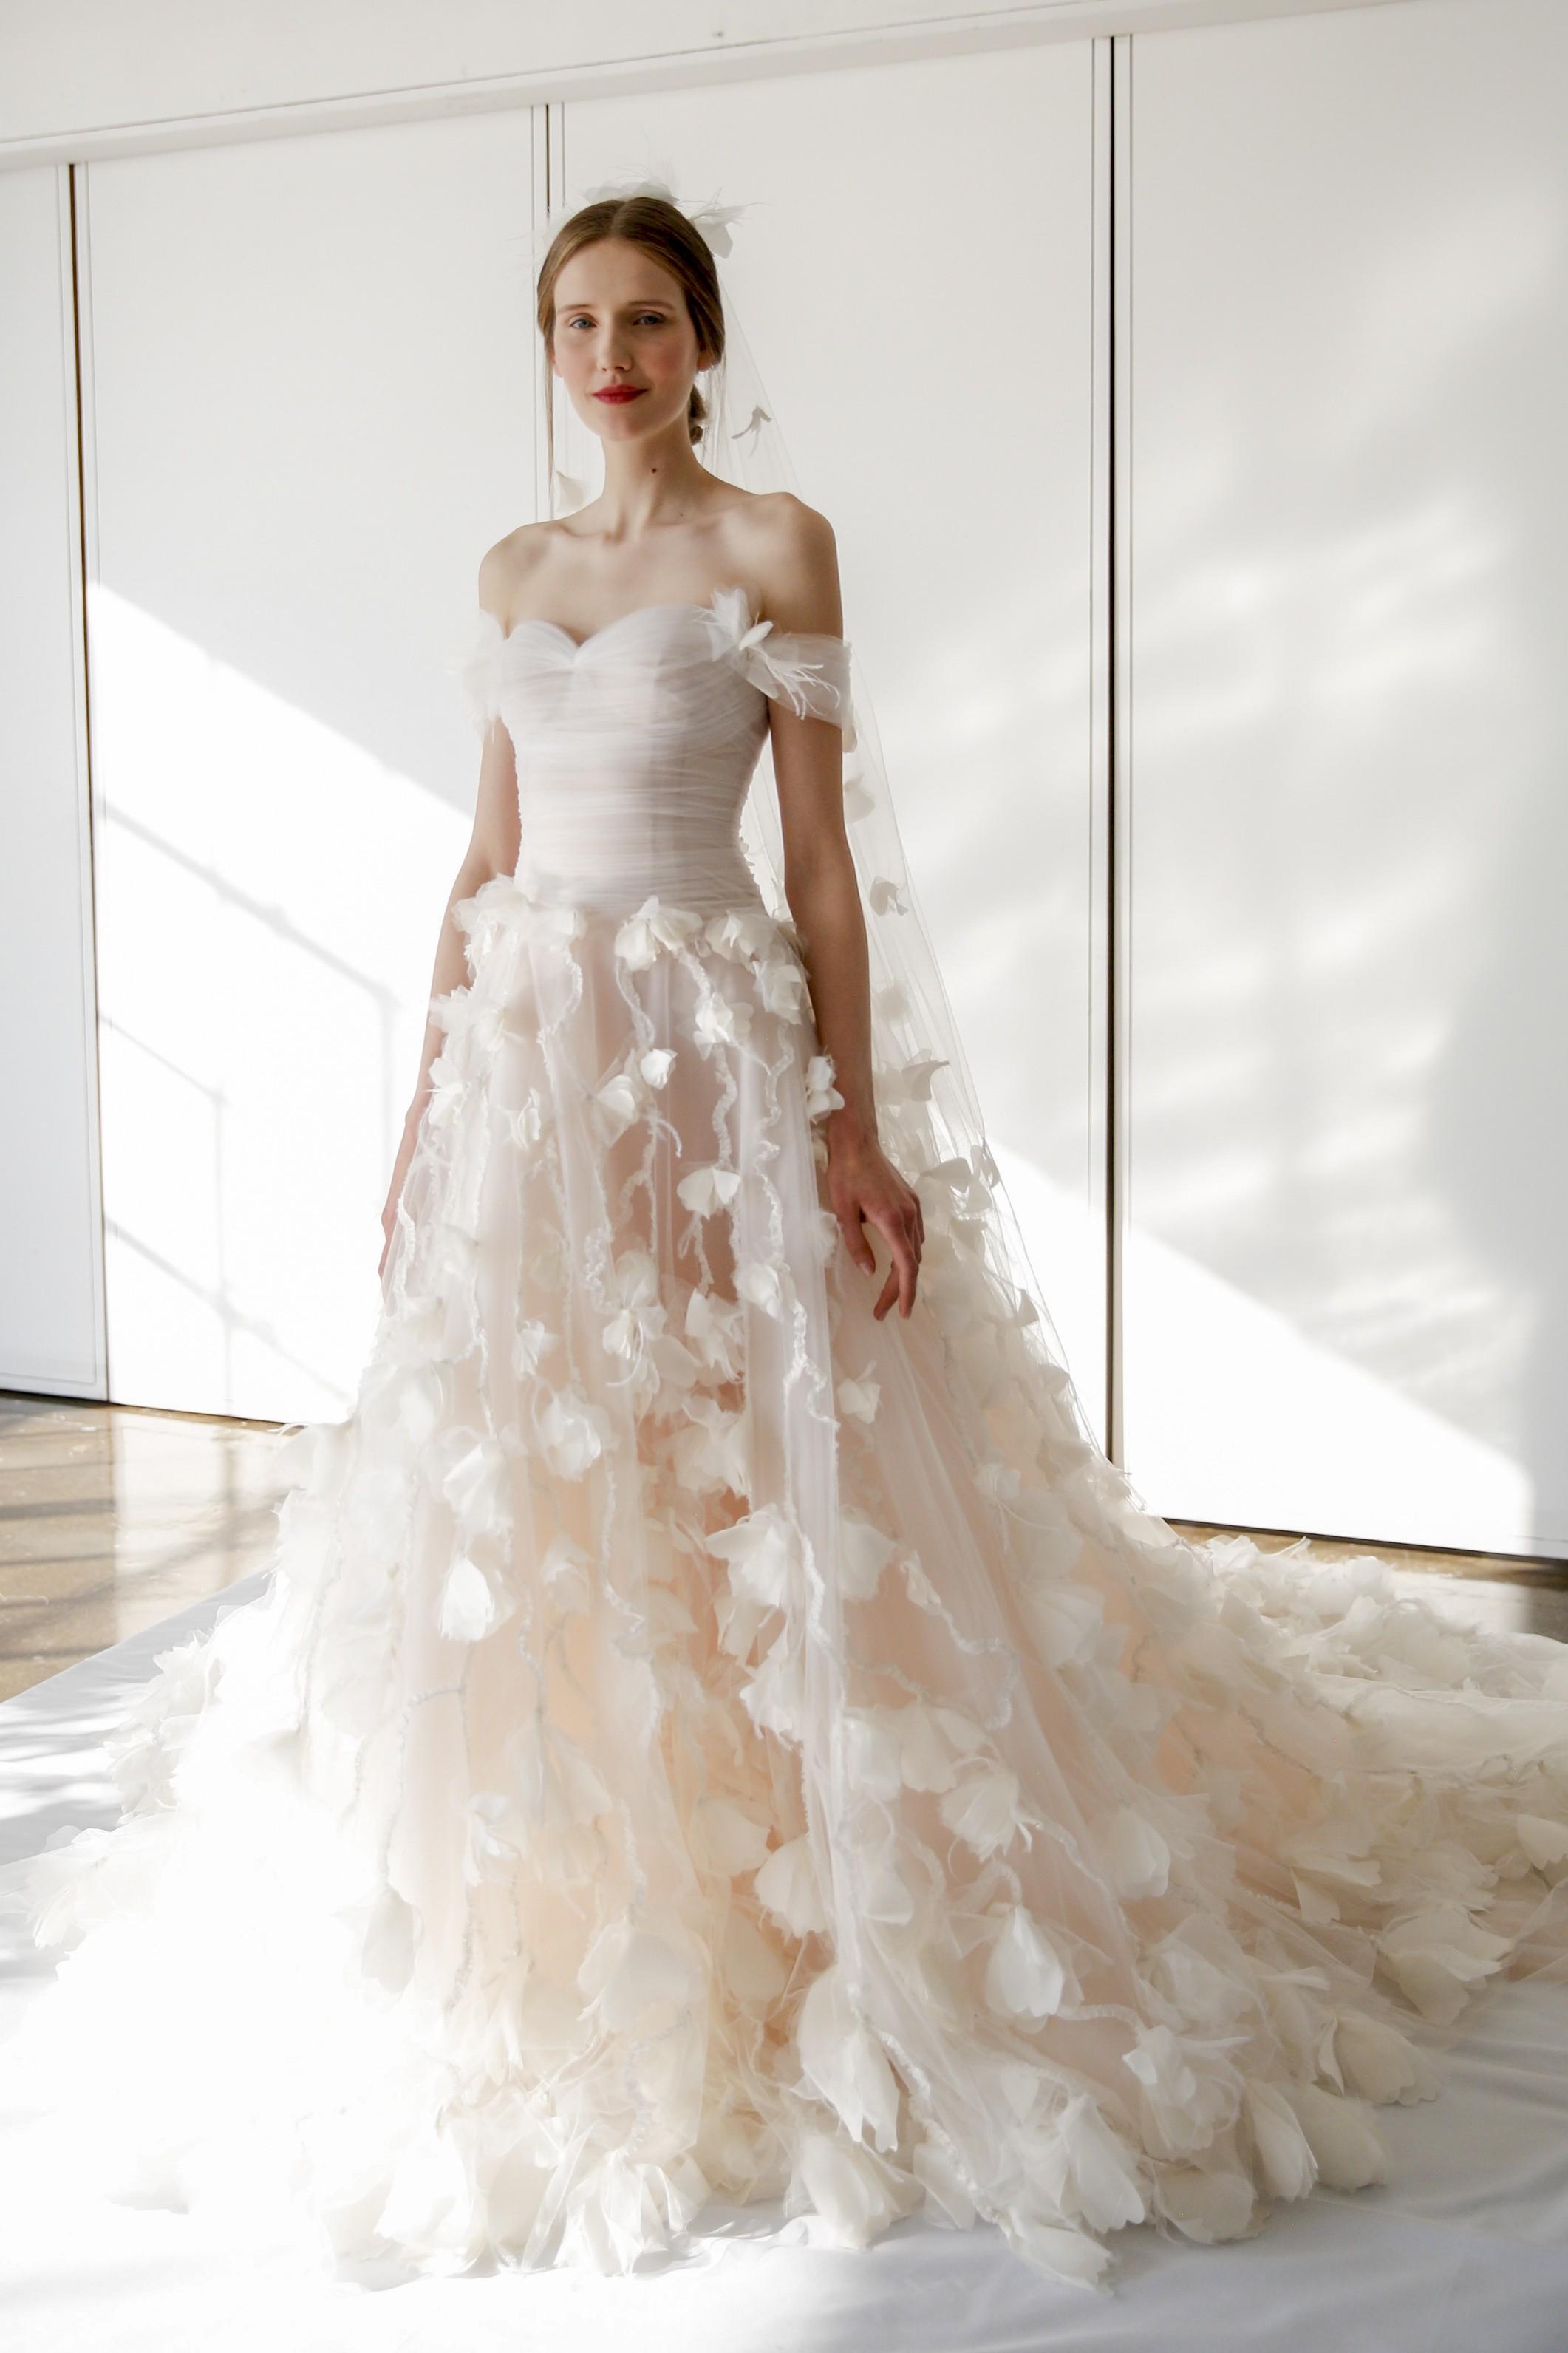 162c067f9 صور قصات قبات فساتين الأعراس العصرية لهذا الموسم من منصات عروض الأزياء -  Savoir Flair Al Arabiya